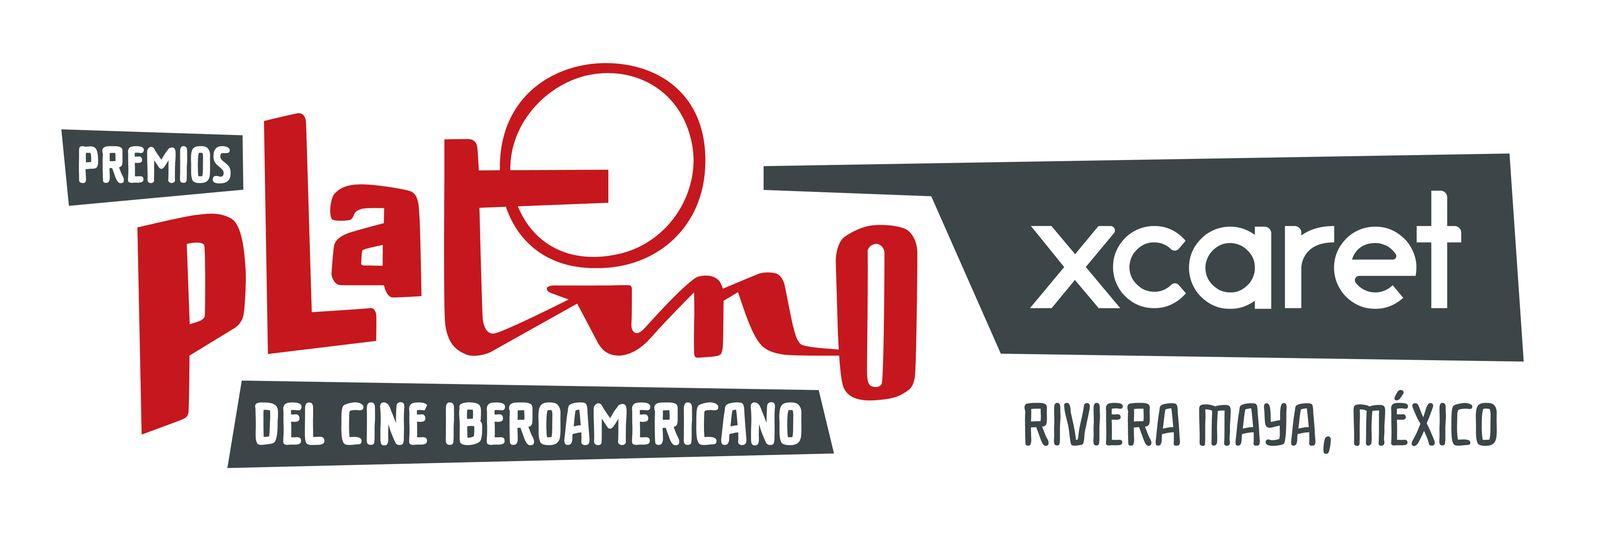 Los Premios PLATINO Xcaret anunciarán los ganadores de su séptima edición el lunes 29 de junio